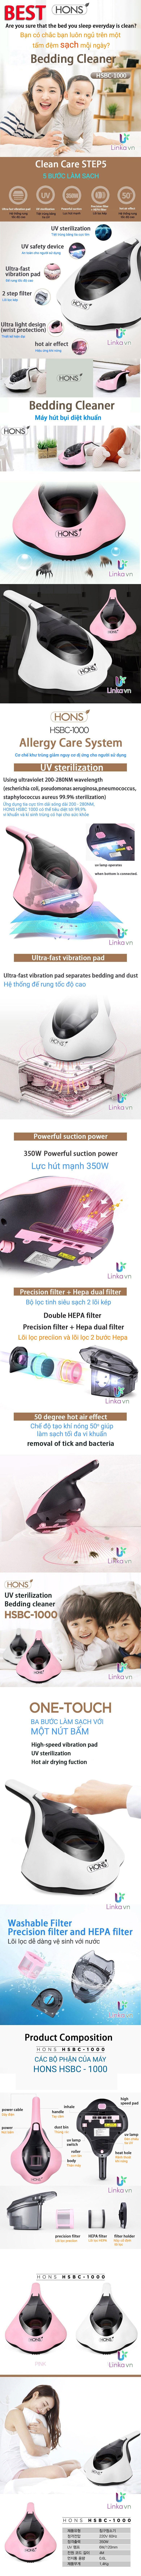 HONS-bedding-cleaner-HSBC1000.jpg